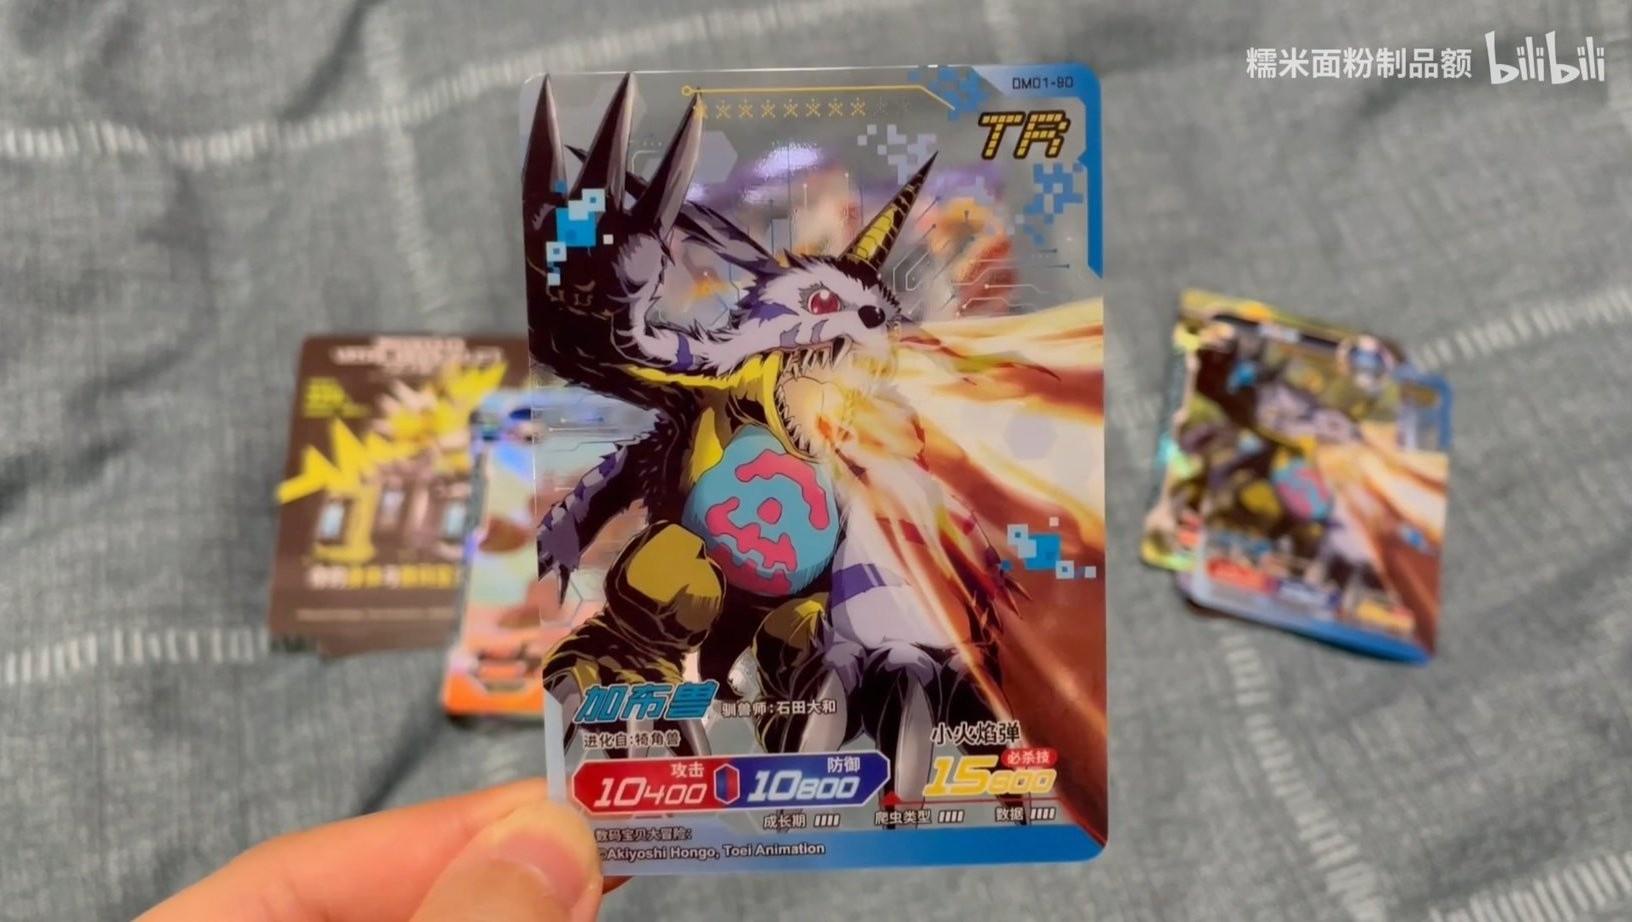 chinesecards01_september25_2021.jpg